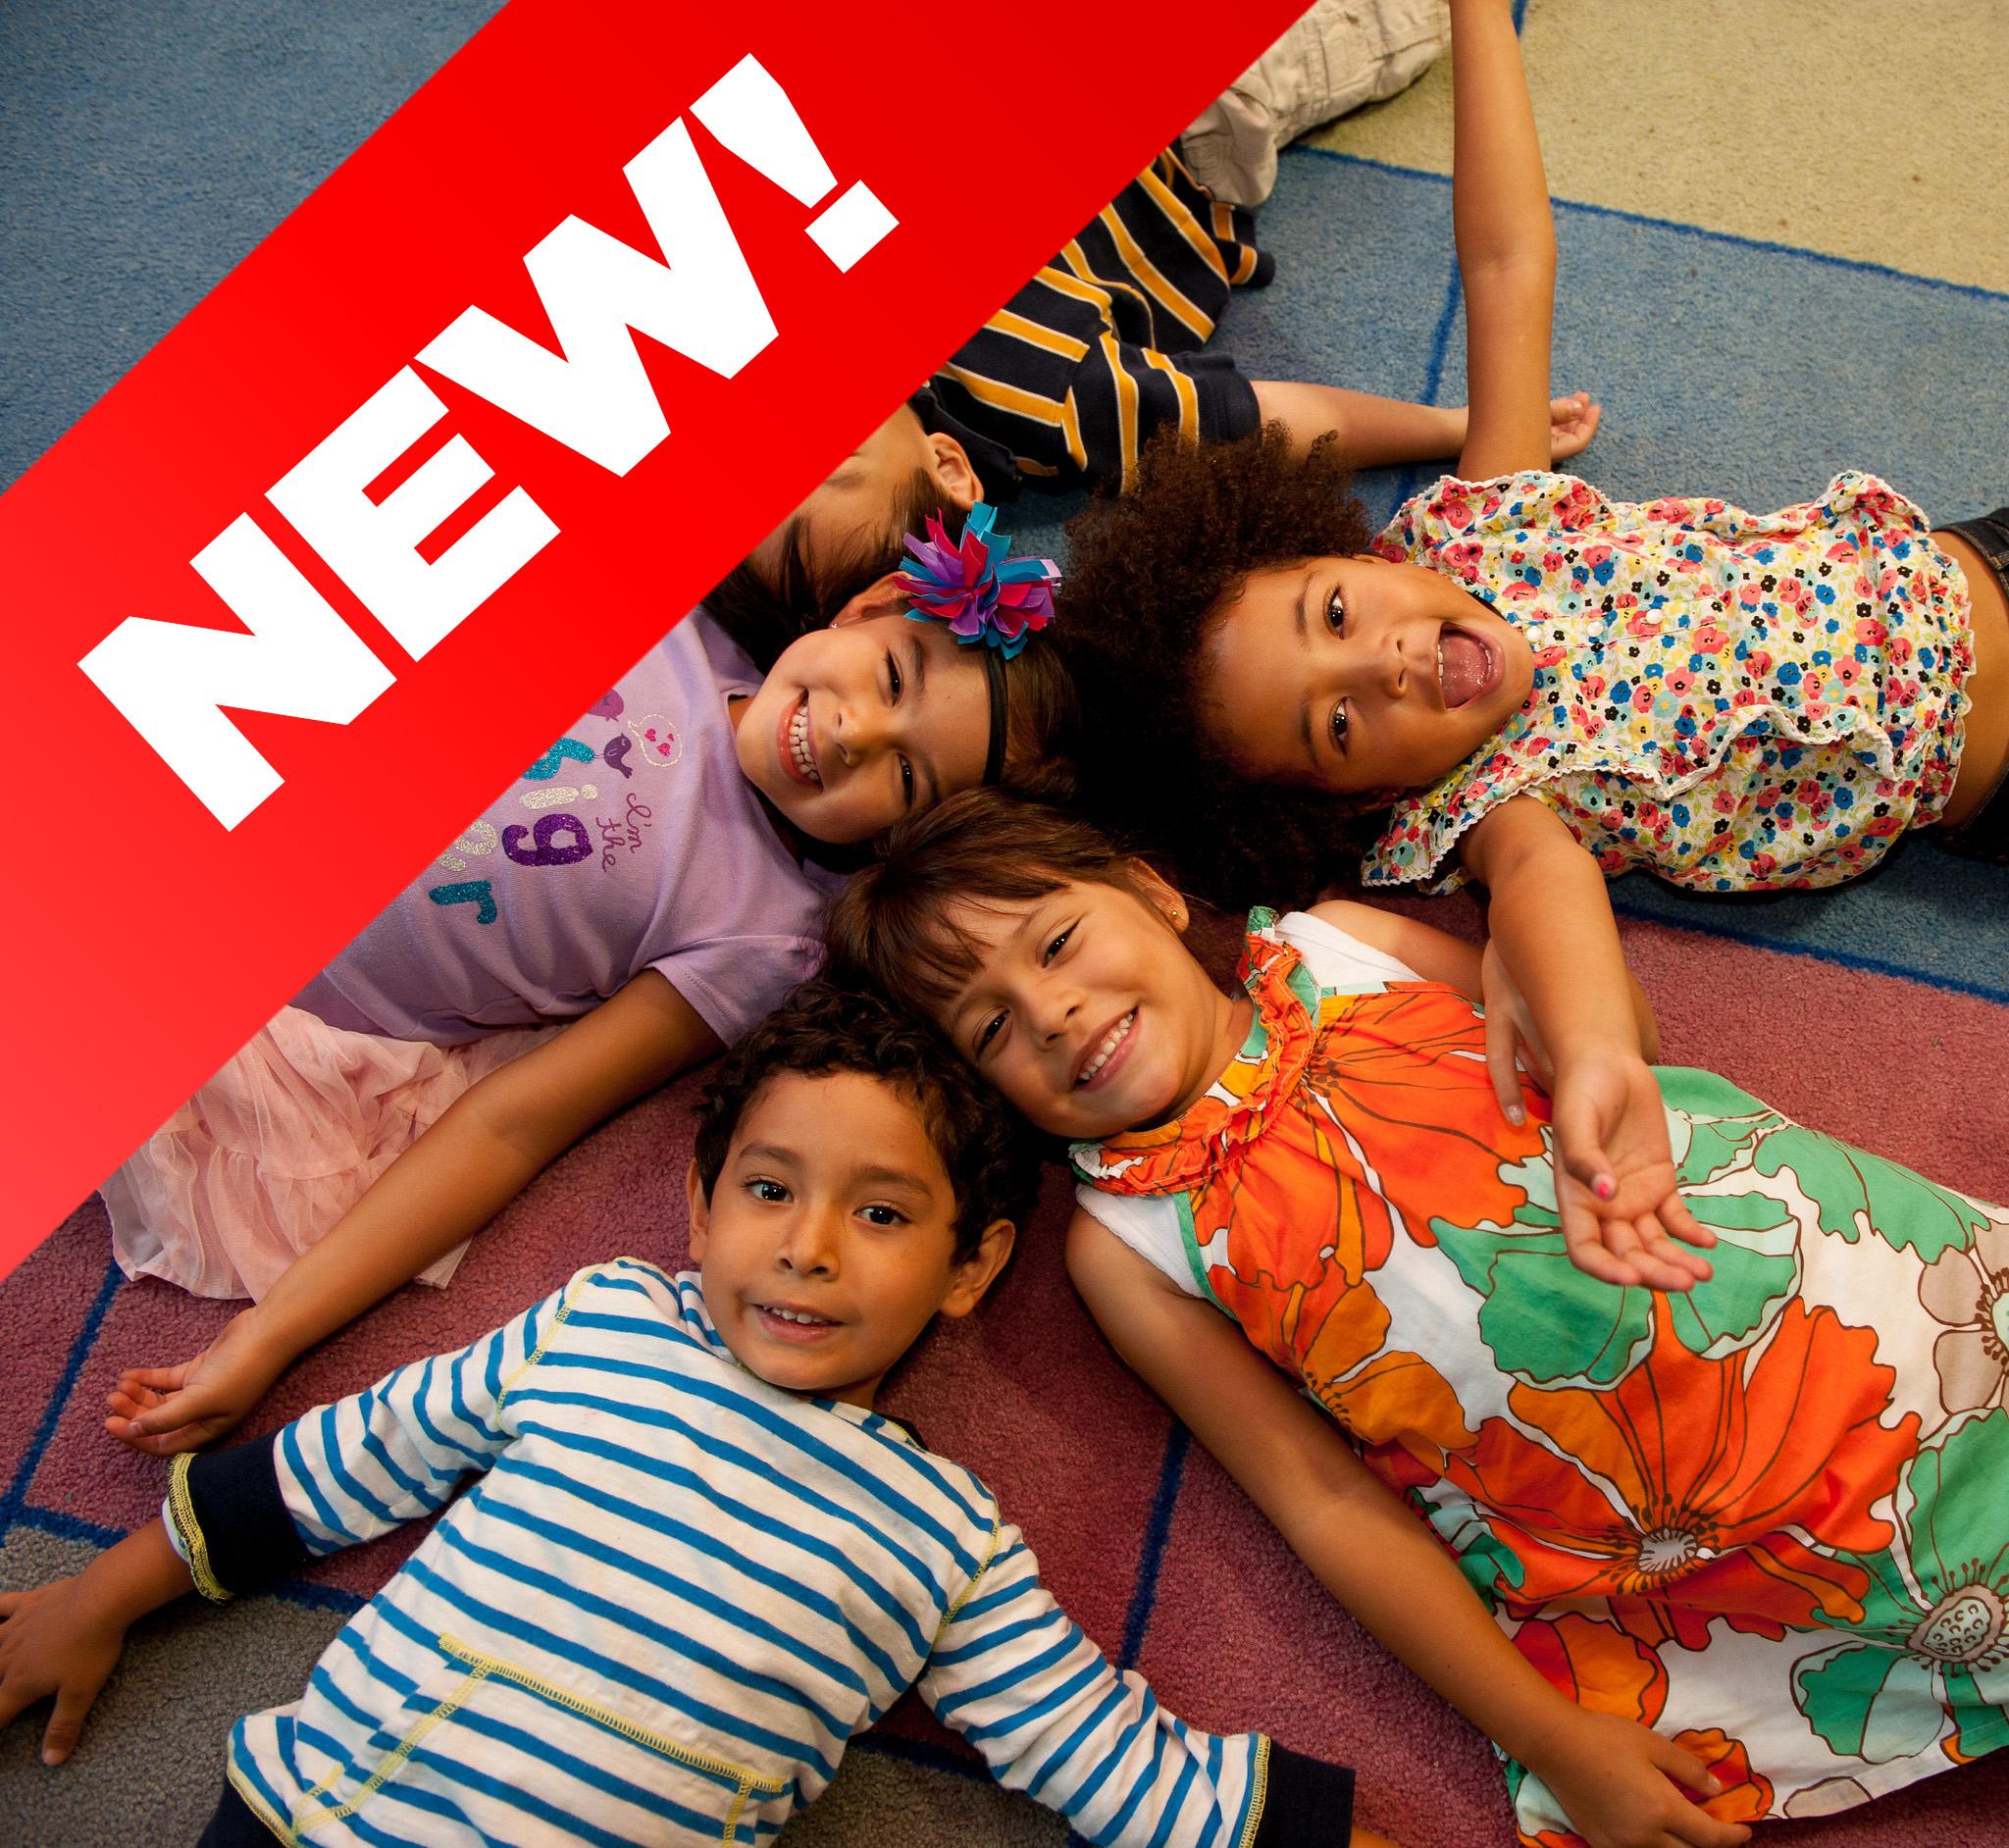 진도를 향한 경로 : 로스 앤젤레스 카운티의 유아 복지 지표